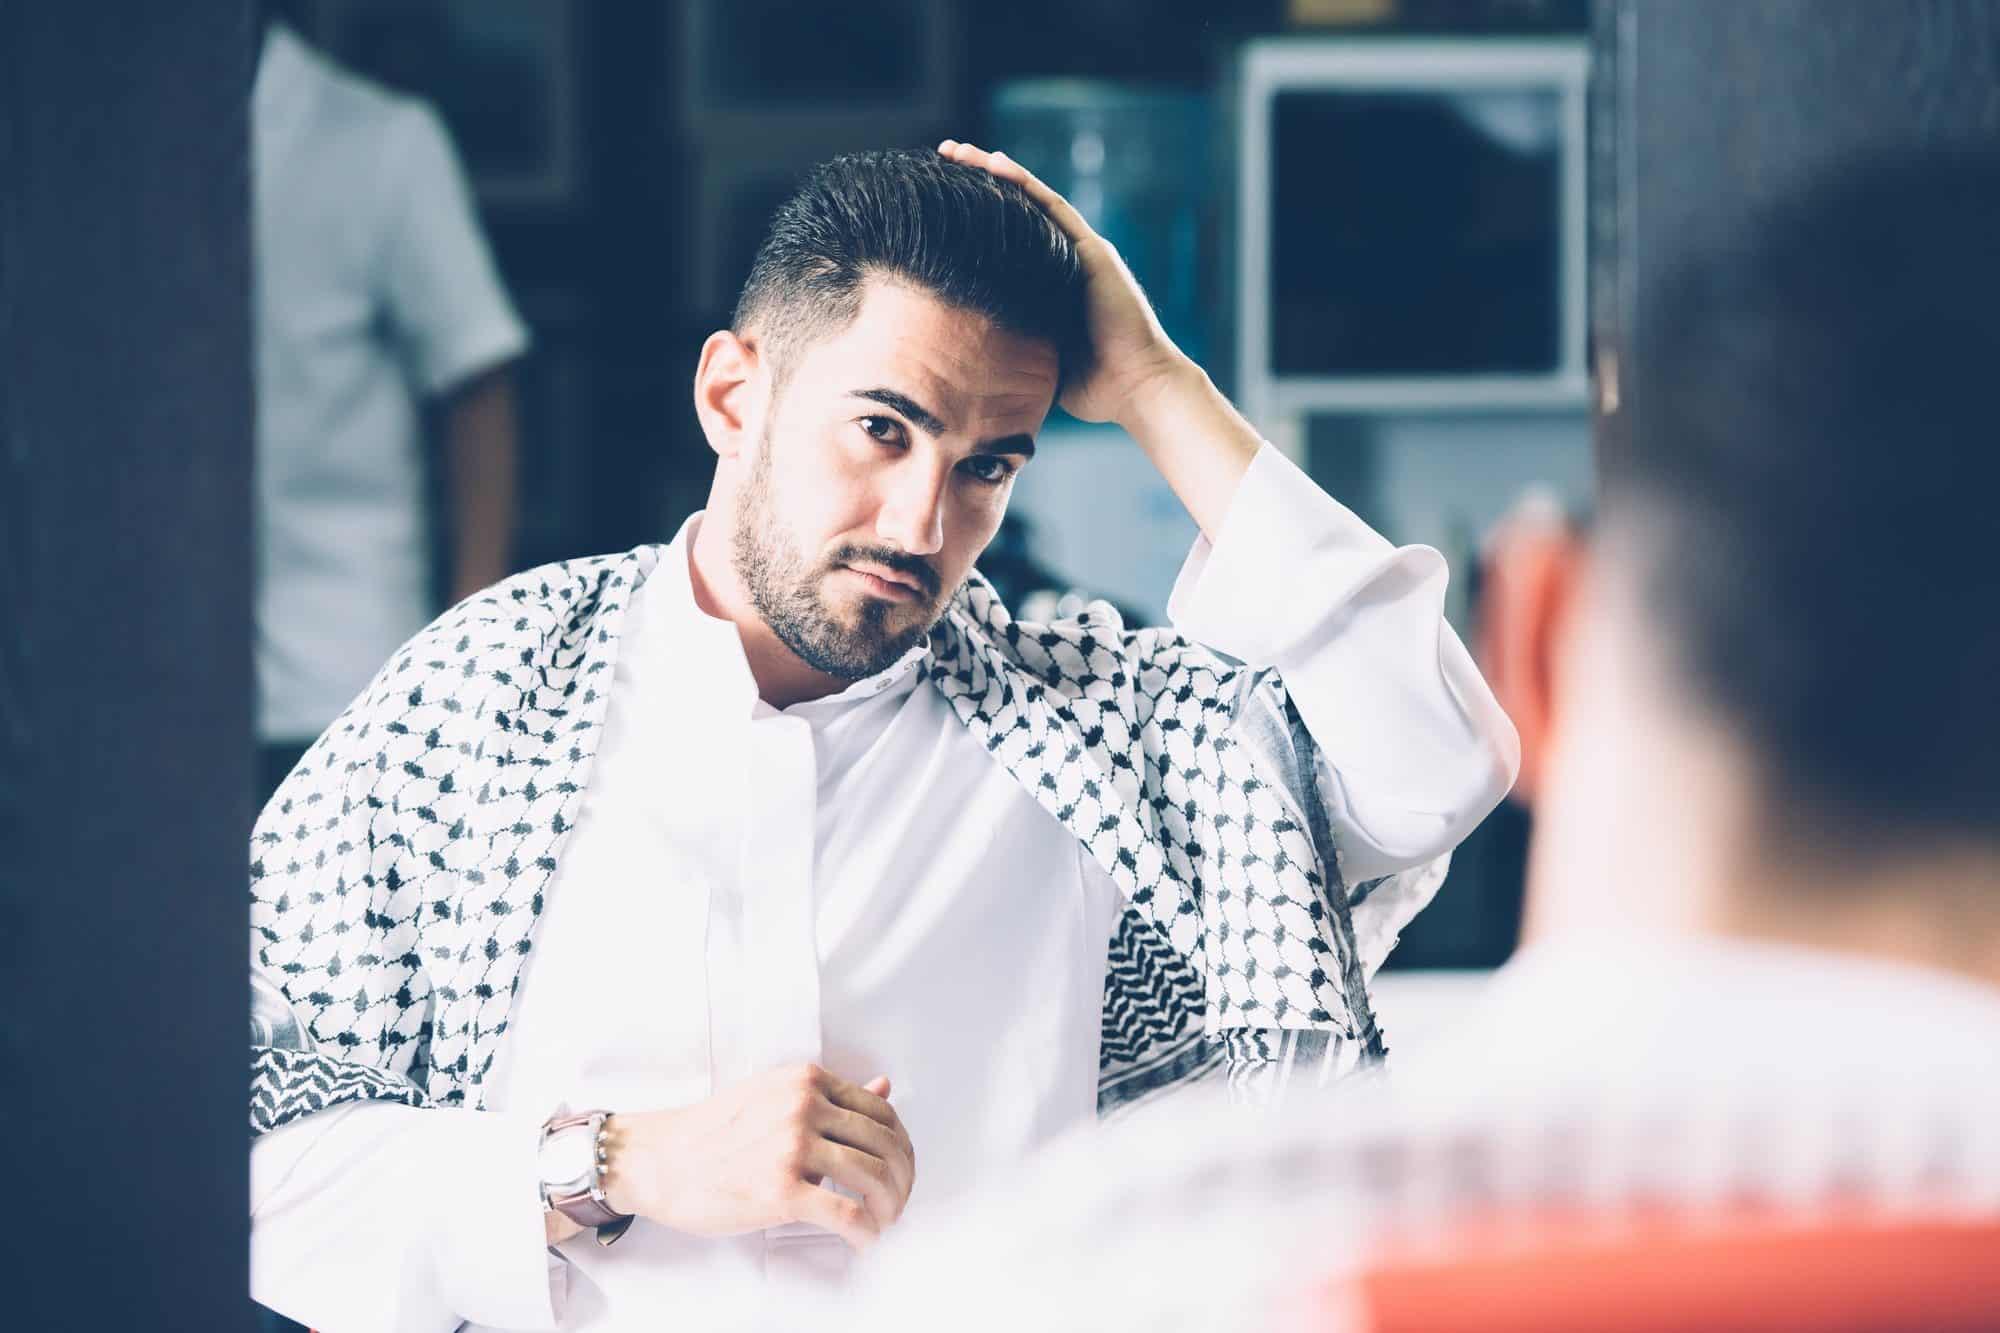 Man touching hair in barbershop